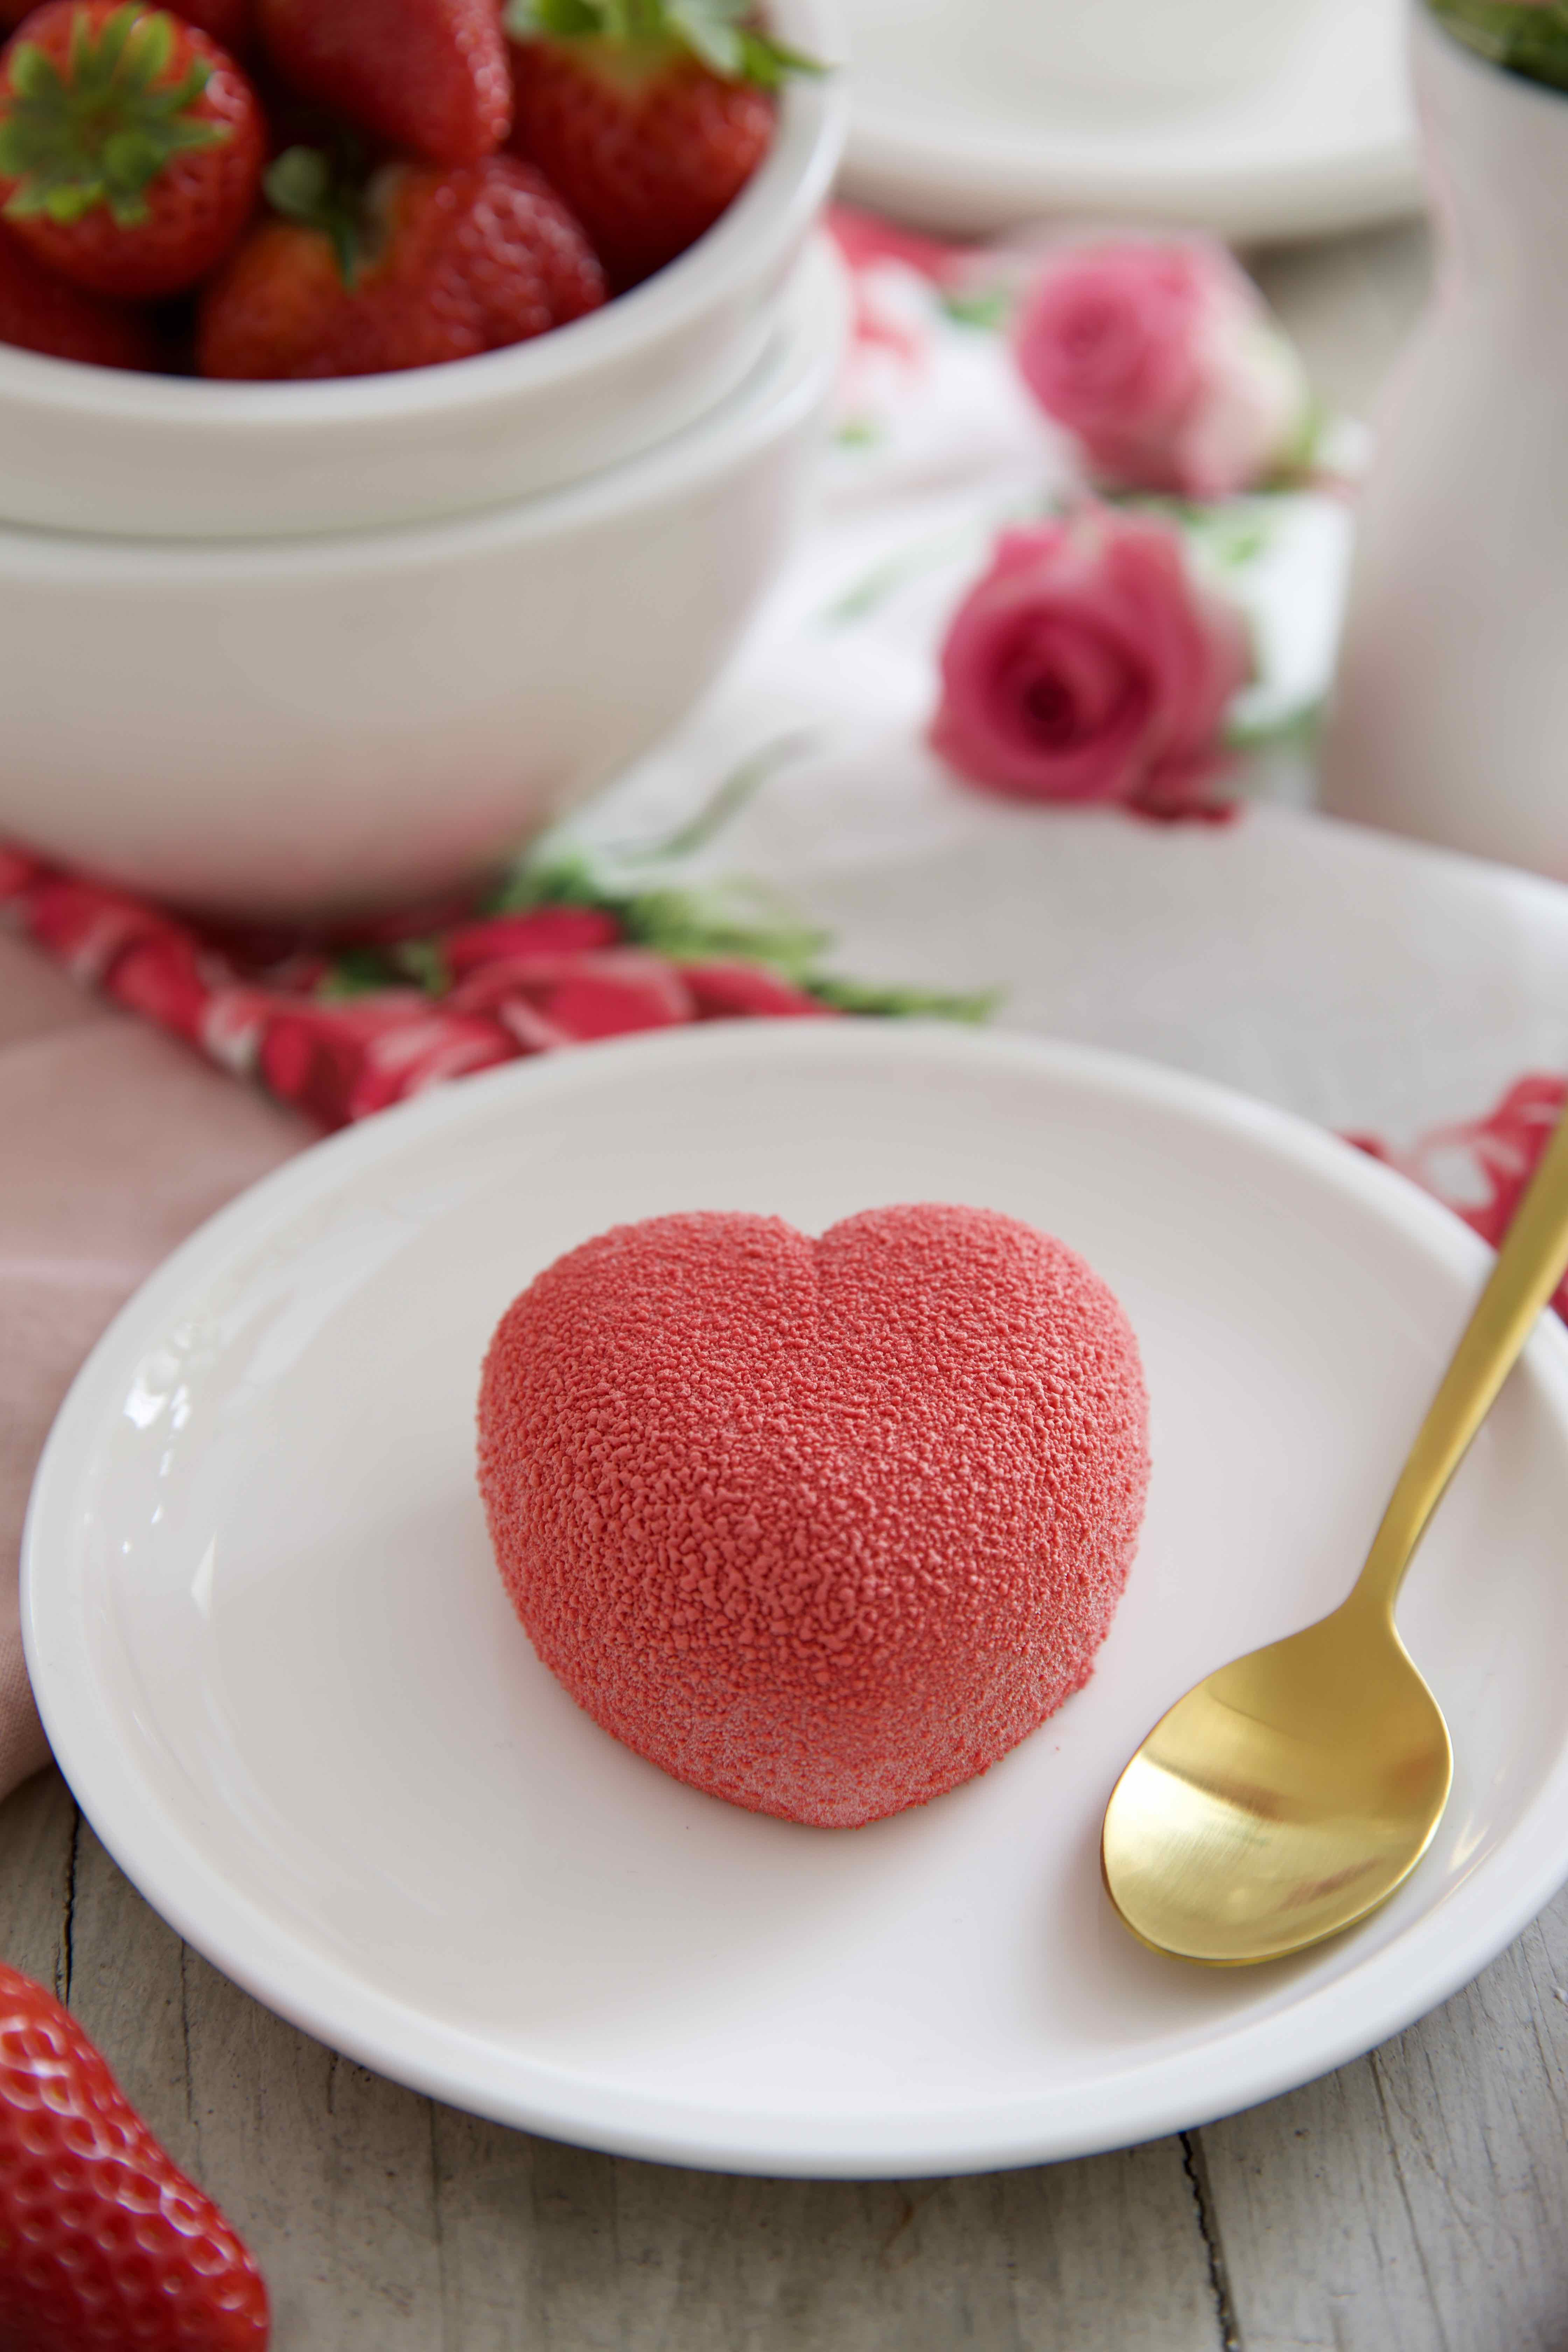 erdbeer panna cotta ein leckeres sahne dessert mit frischen erdbeeren. Black Bedroom Furniture Sets. Home Design Ideas